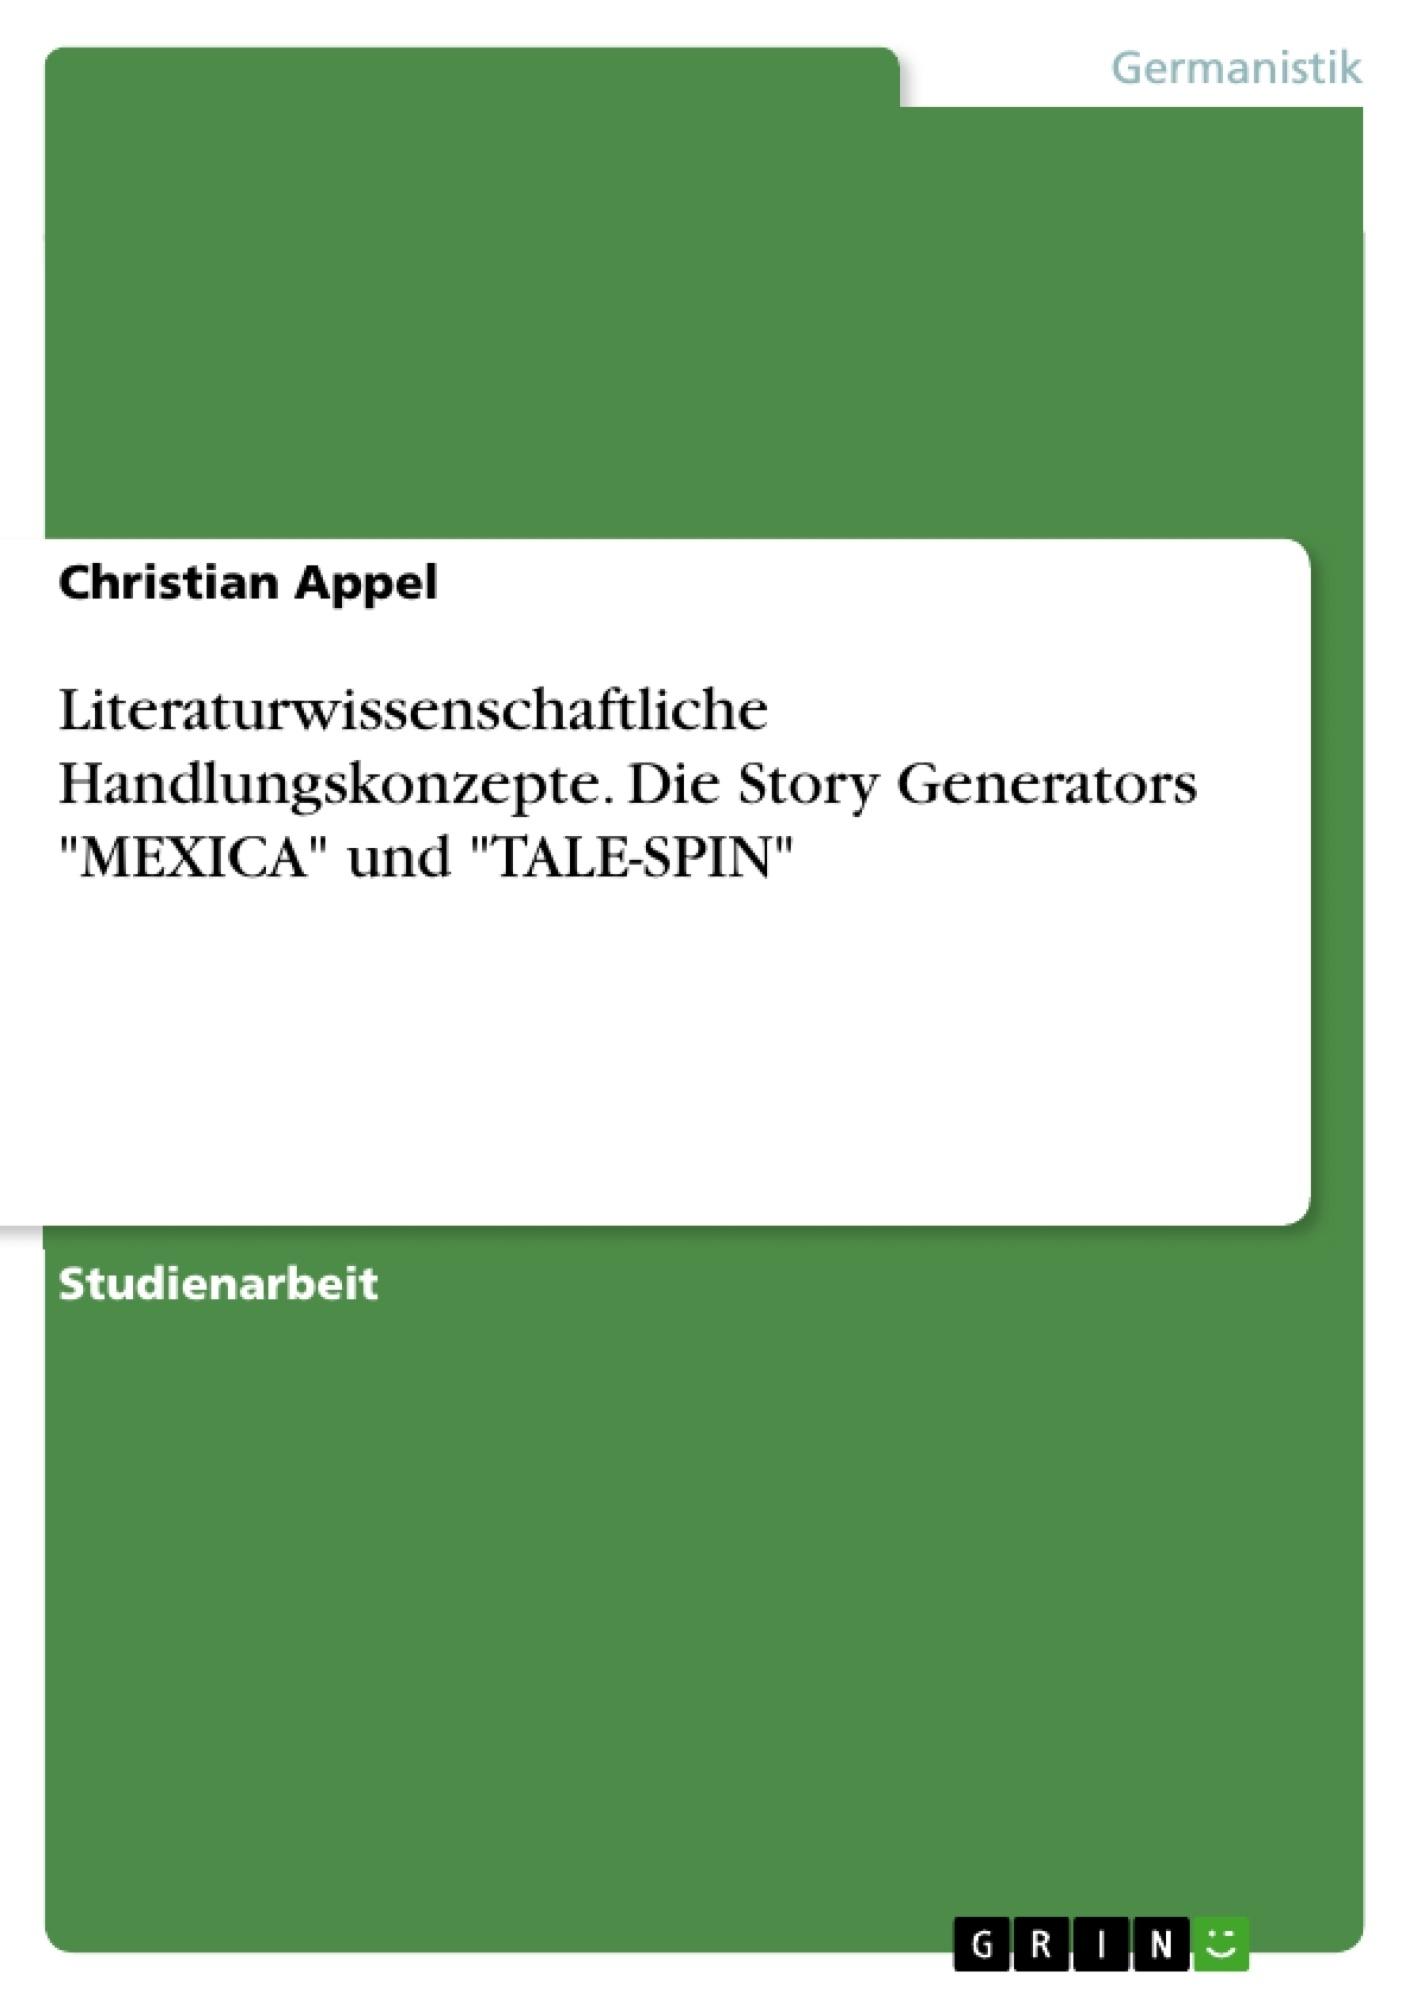 """Titel: Literaturwissenschaftliche Handlungskonzepte. Die Story Generators """"MEXICA"""" und """"TALE-SPIN"""""""